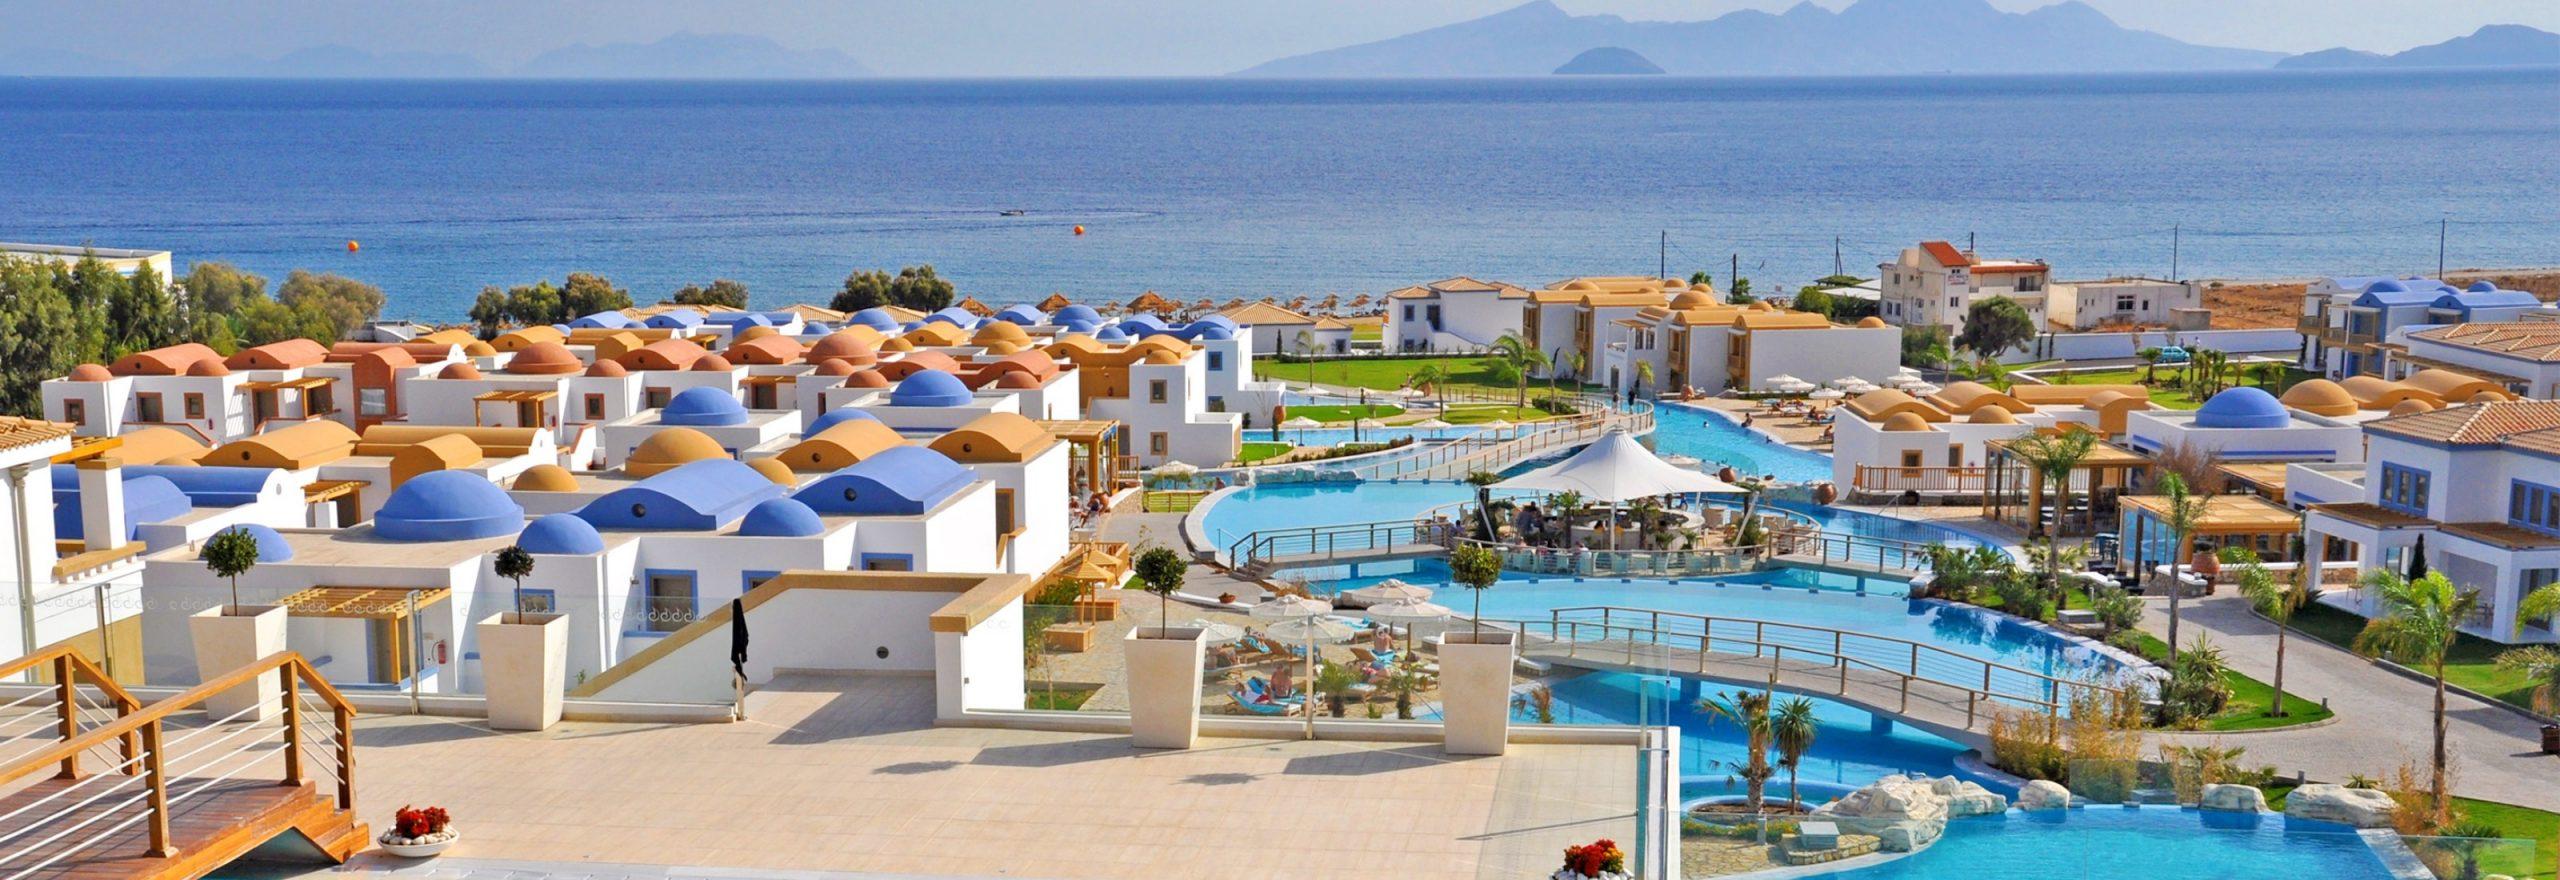 Hotel Mitsis Blue Domes, Kos